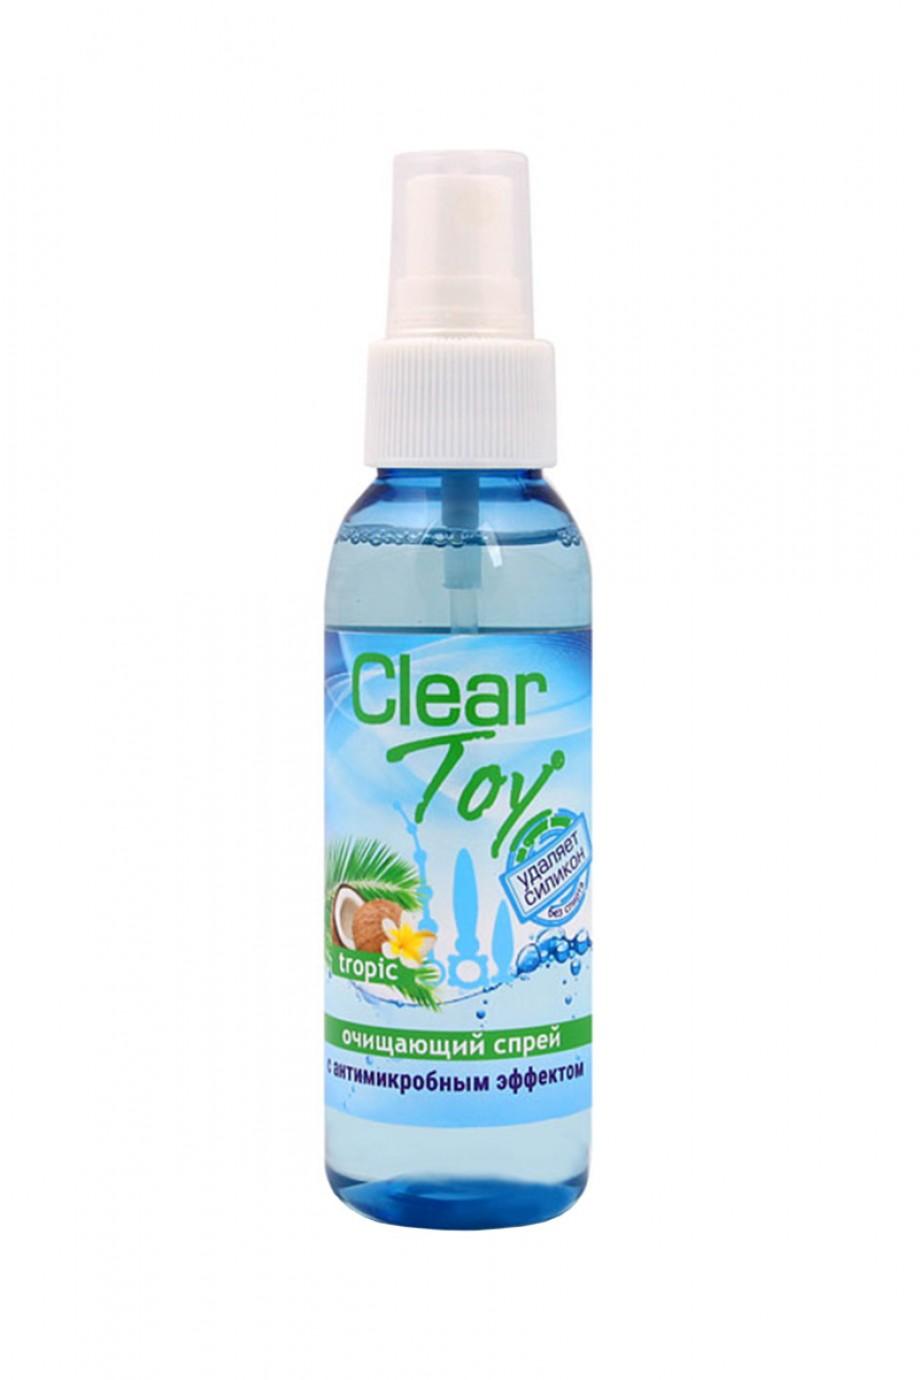 Очищающий спрей CLEAR TOY TROPIC с антимикробным эффектом, 100 мл